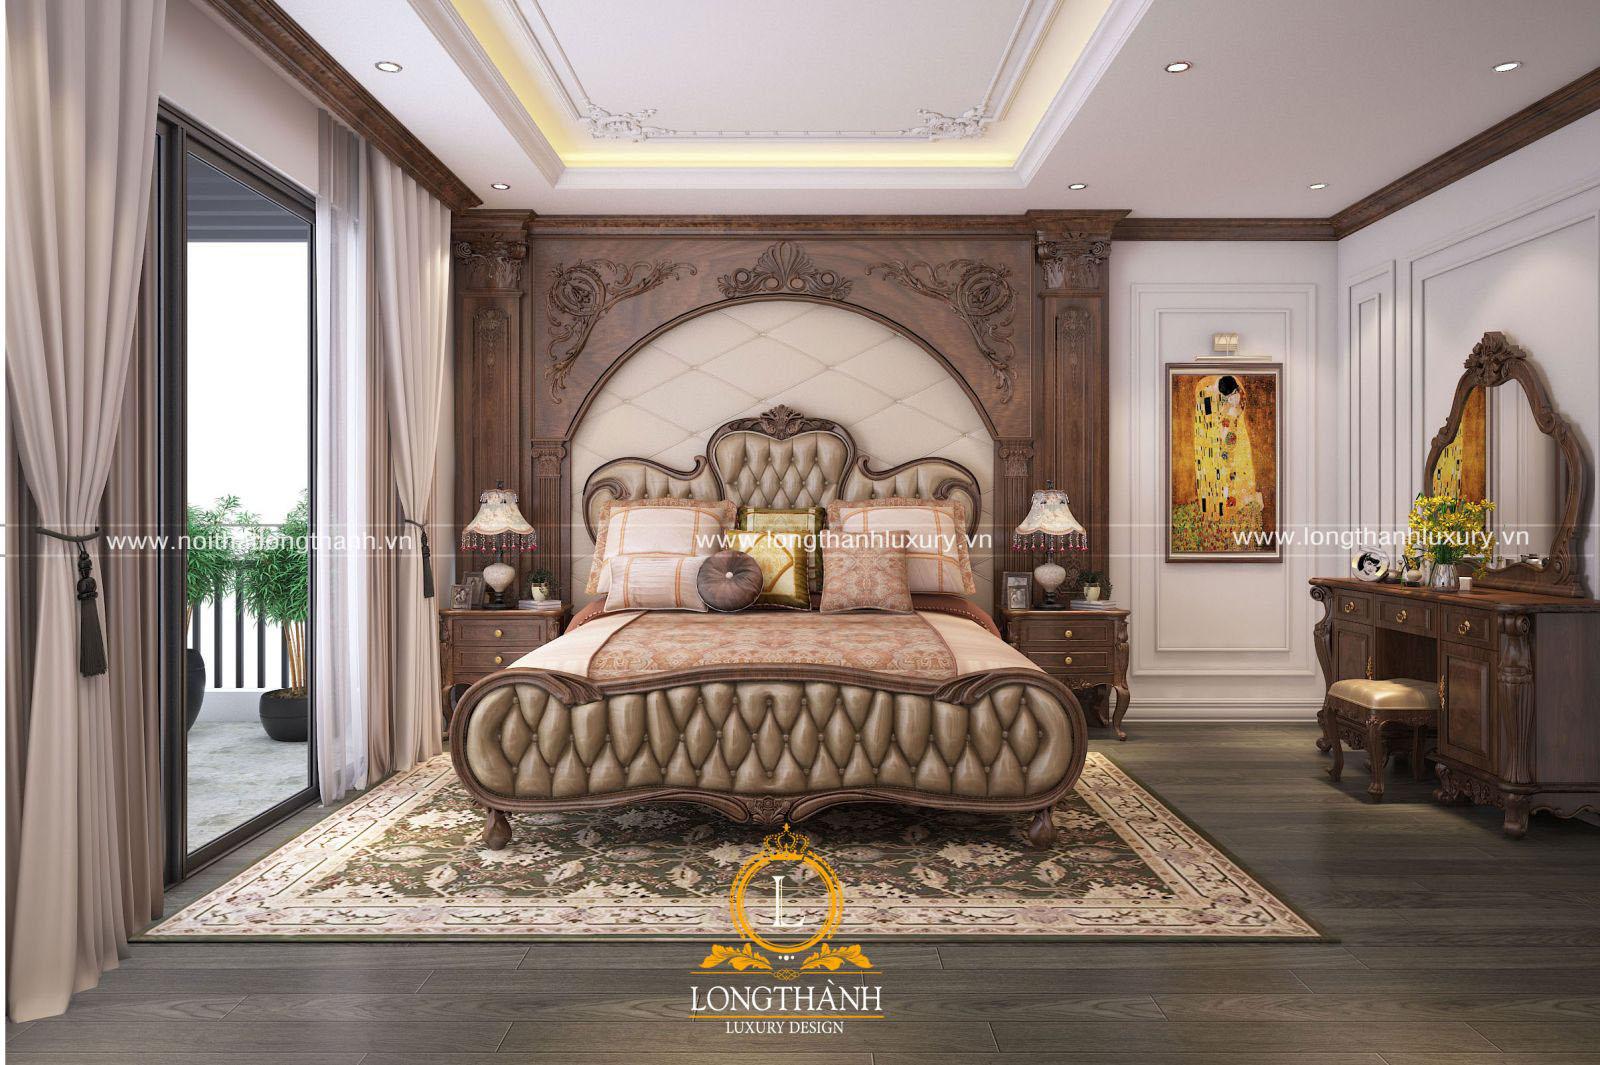 Giường ngủ tân cổ điển kết hợp gỗ tự nhiên và da tự nhiên cao cấp